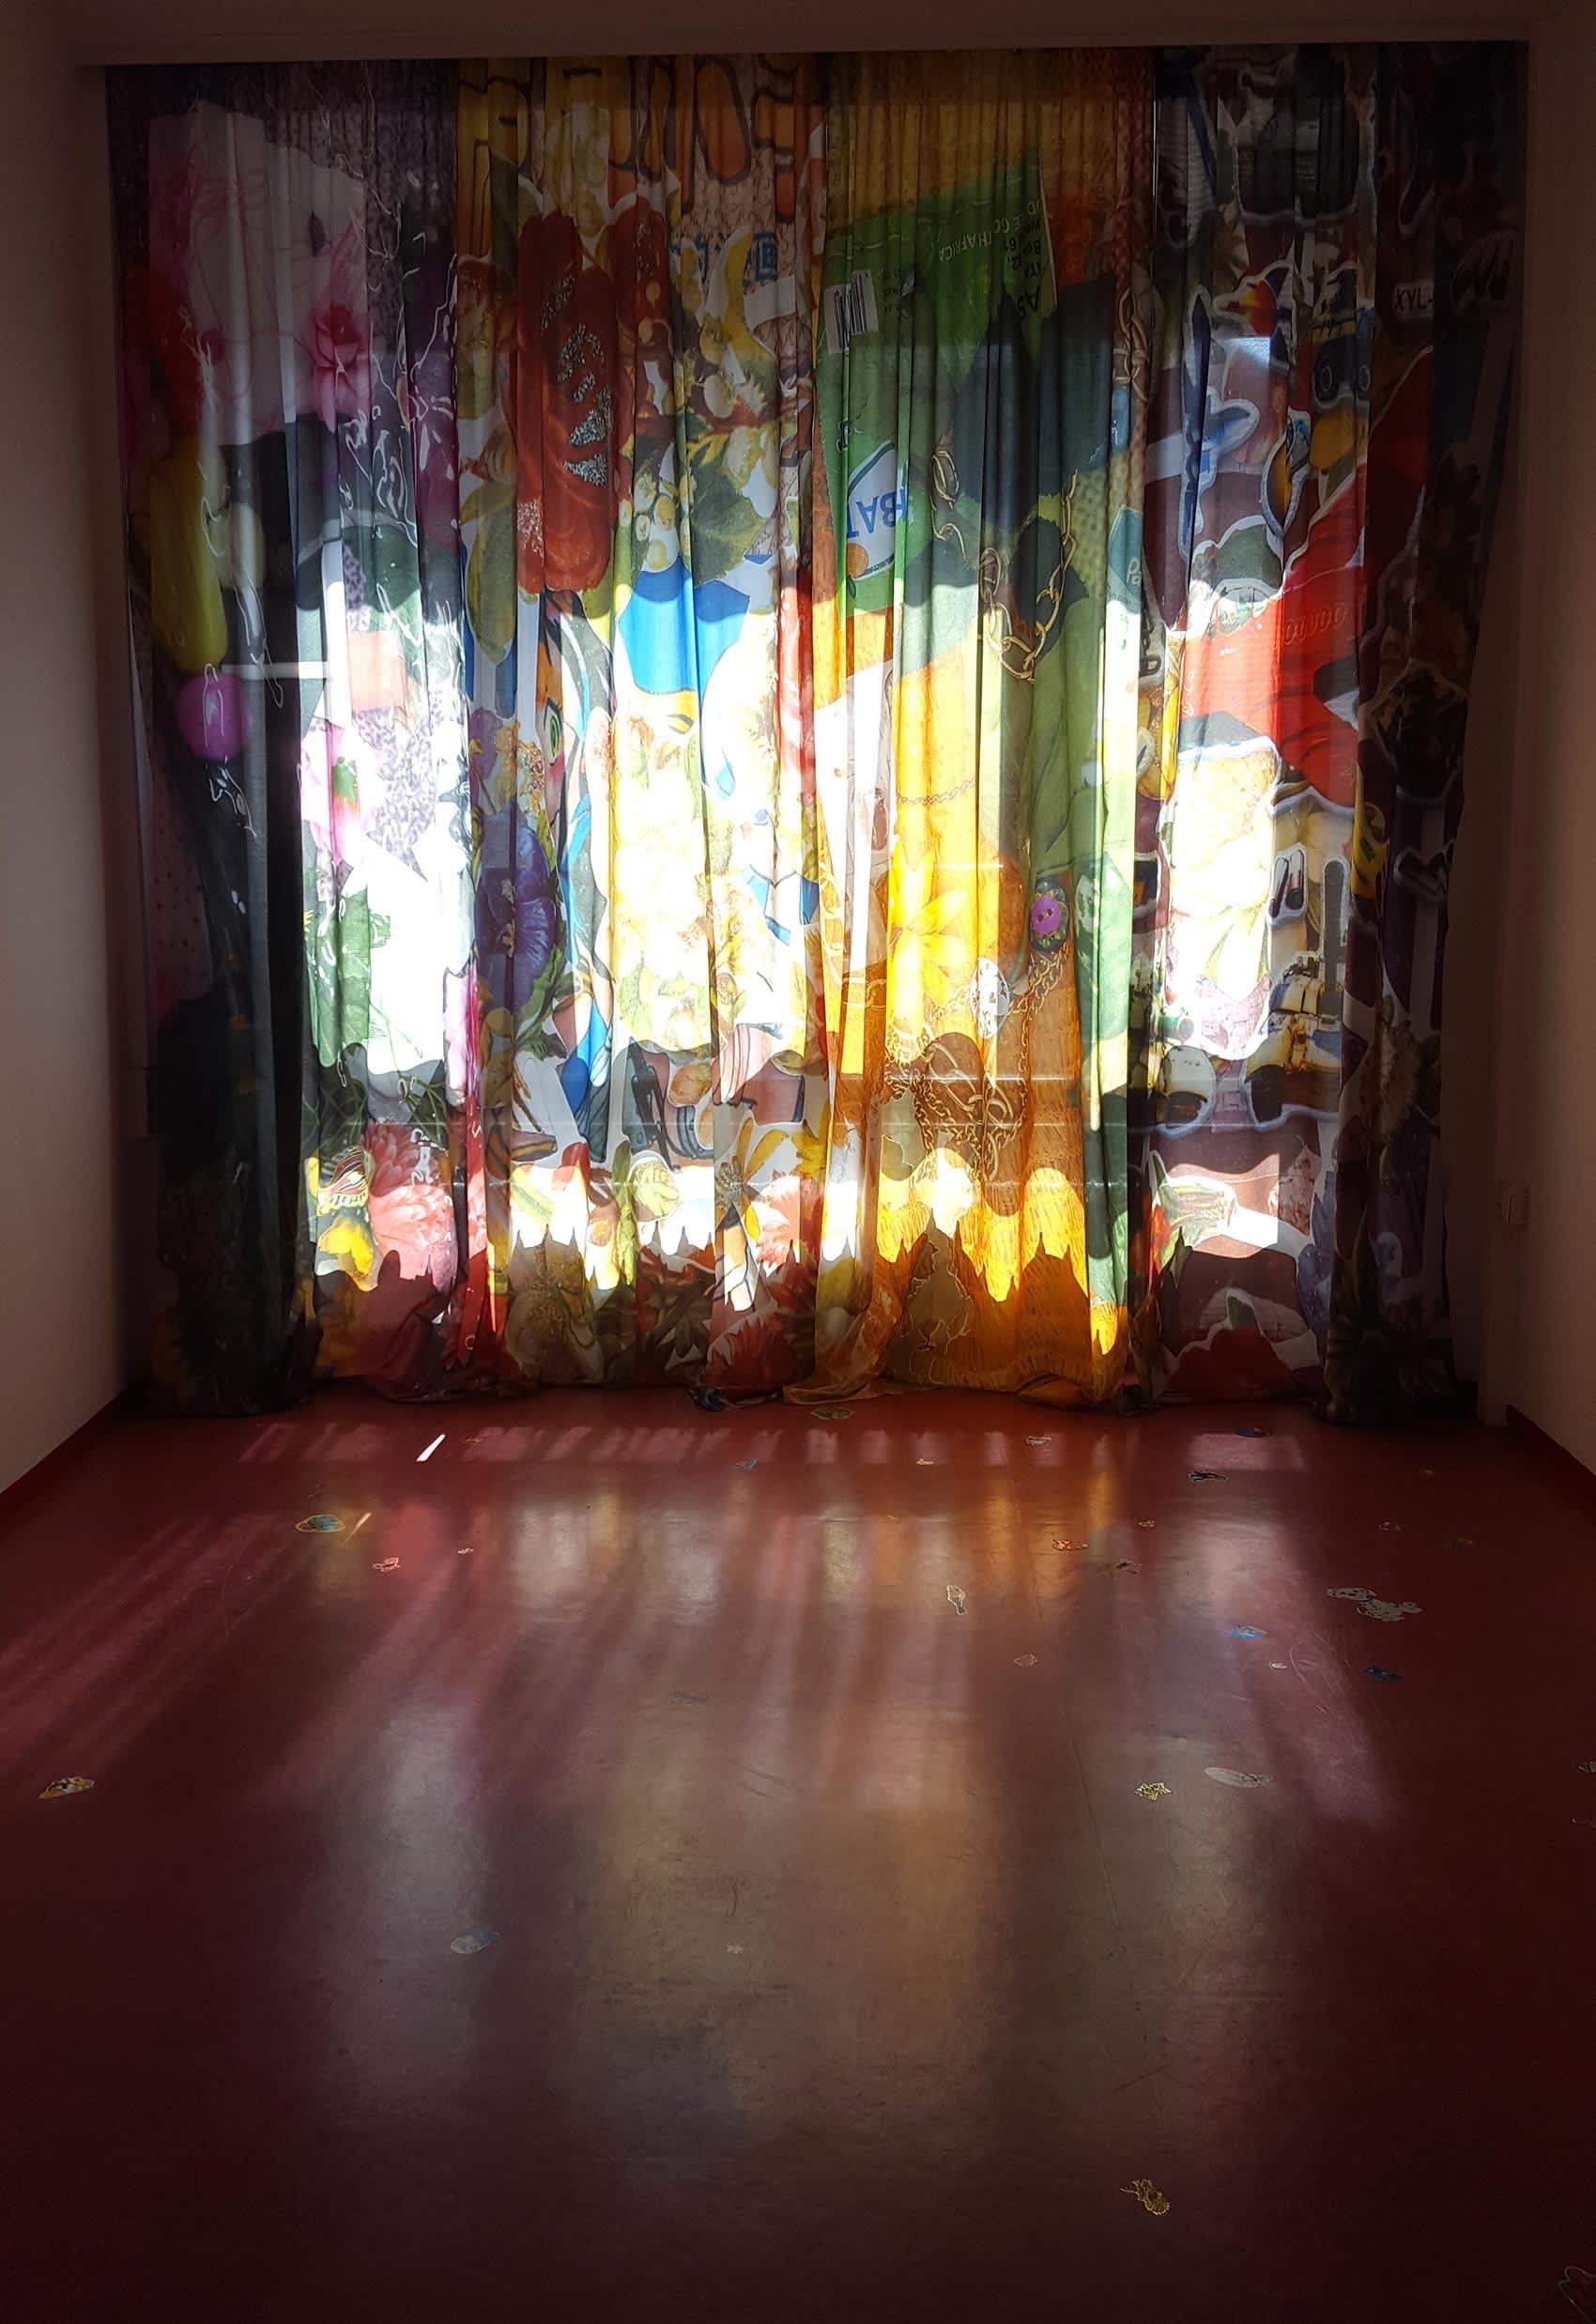 nana mandl, artist, contemporary art installation